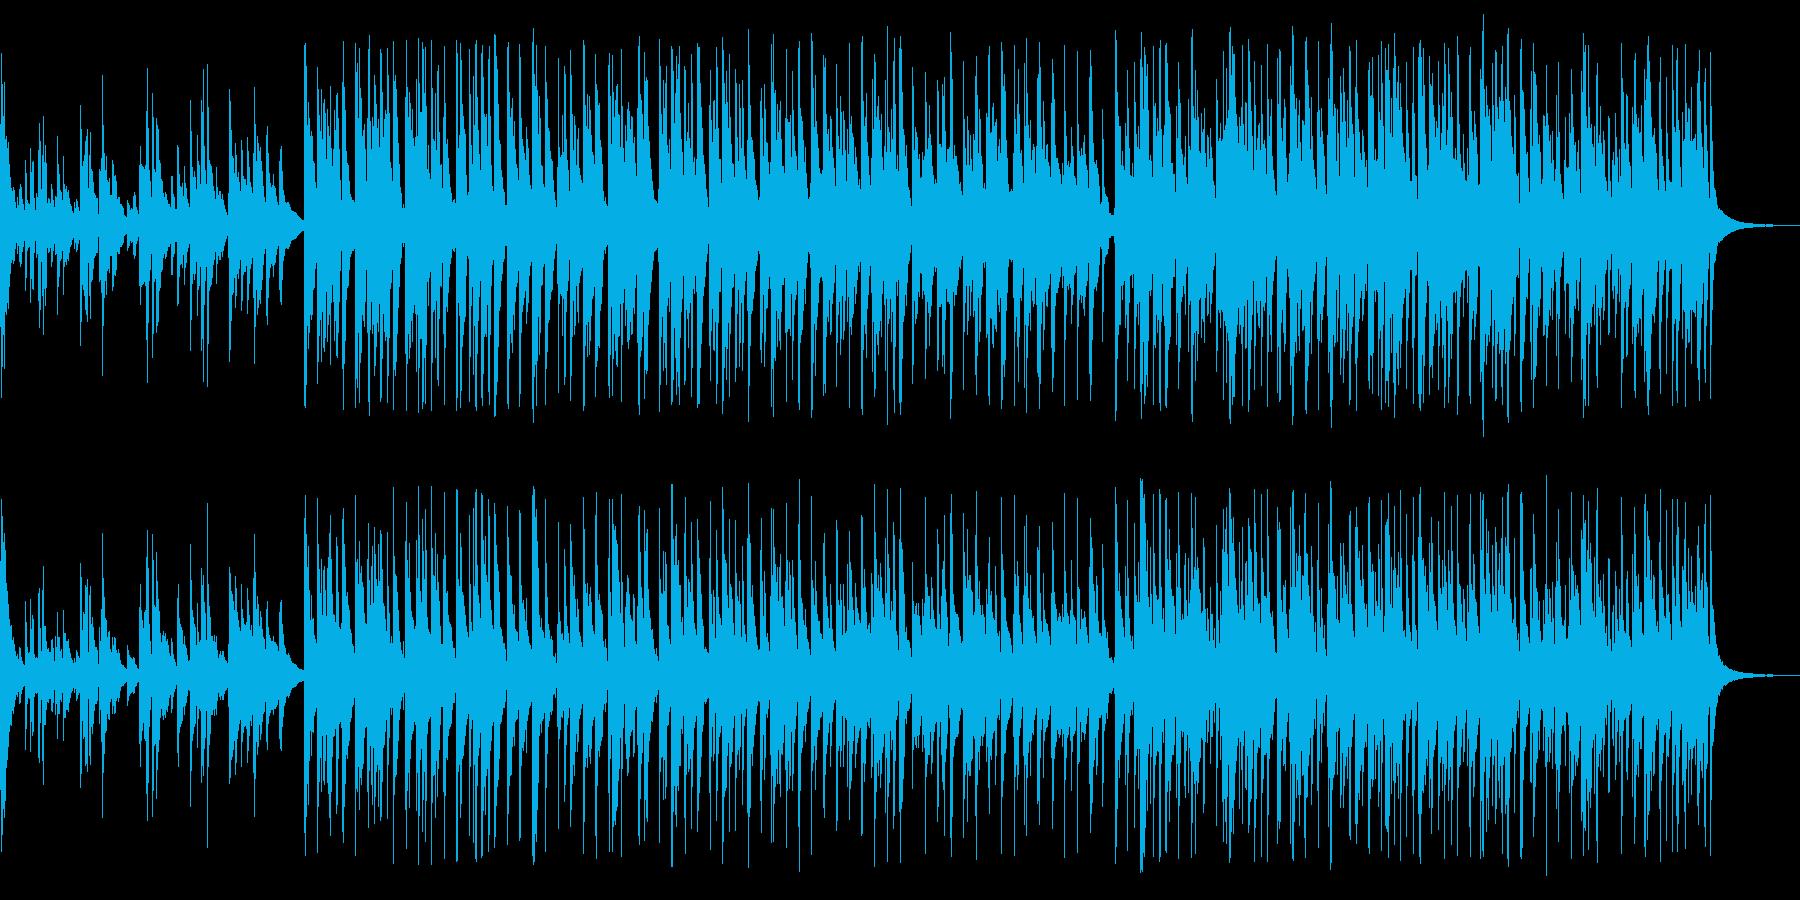 哀愁を感じる曲の再生済みの波形